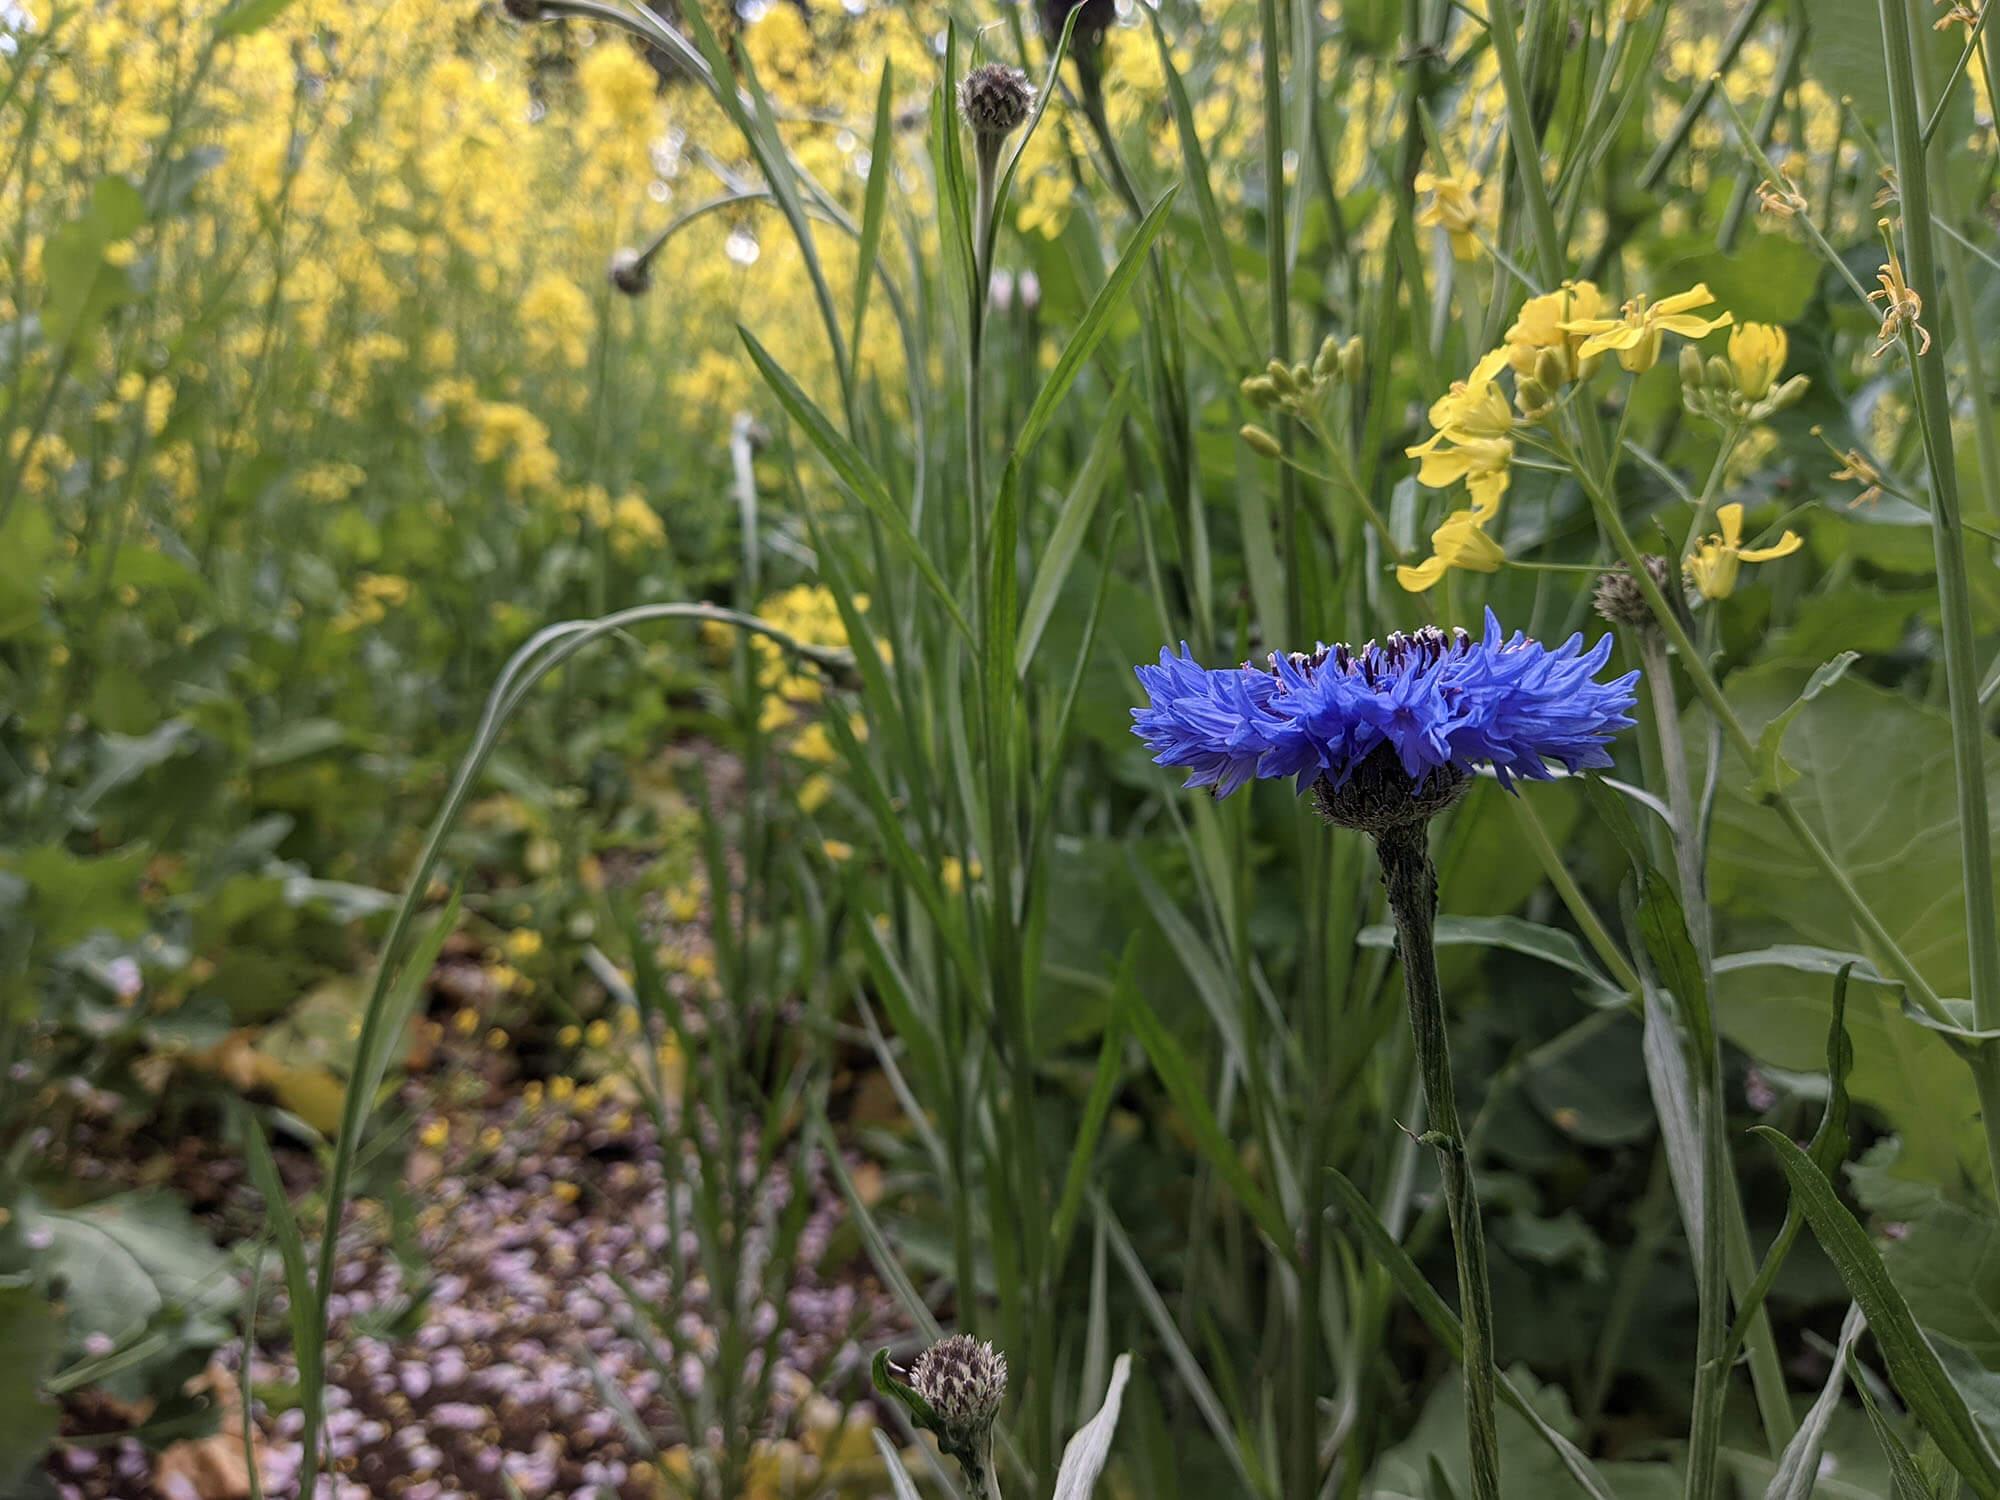 Redmi 9Tで撮影した青い花と菜の花